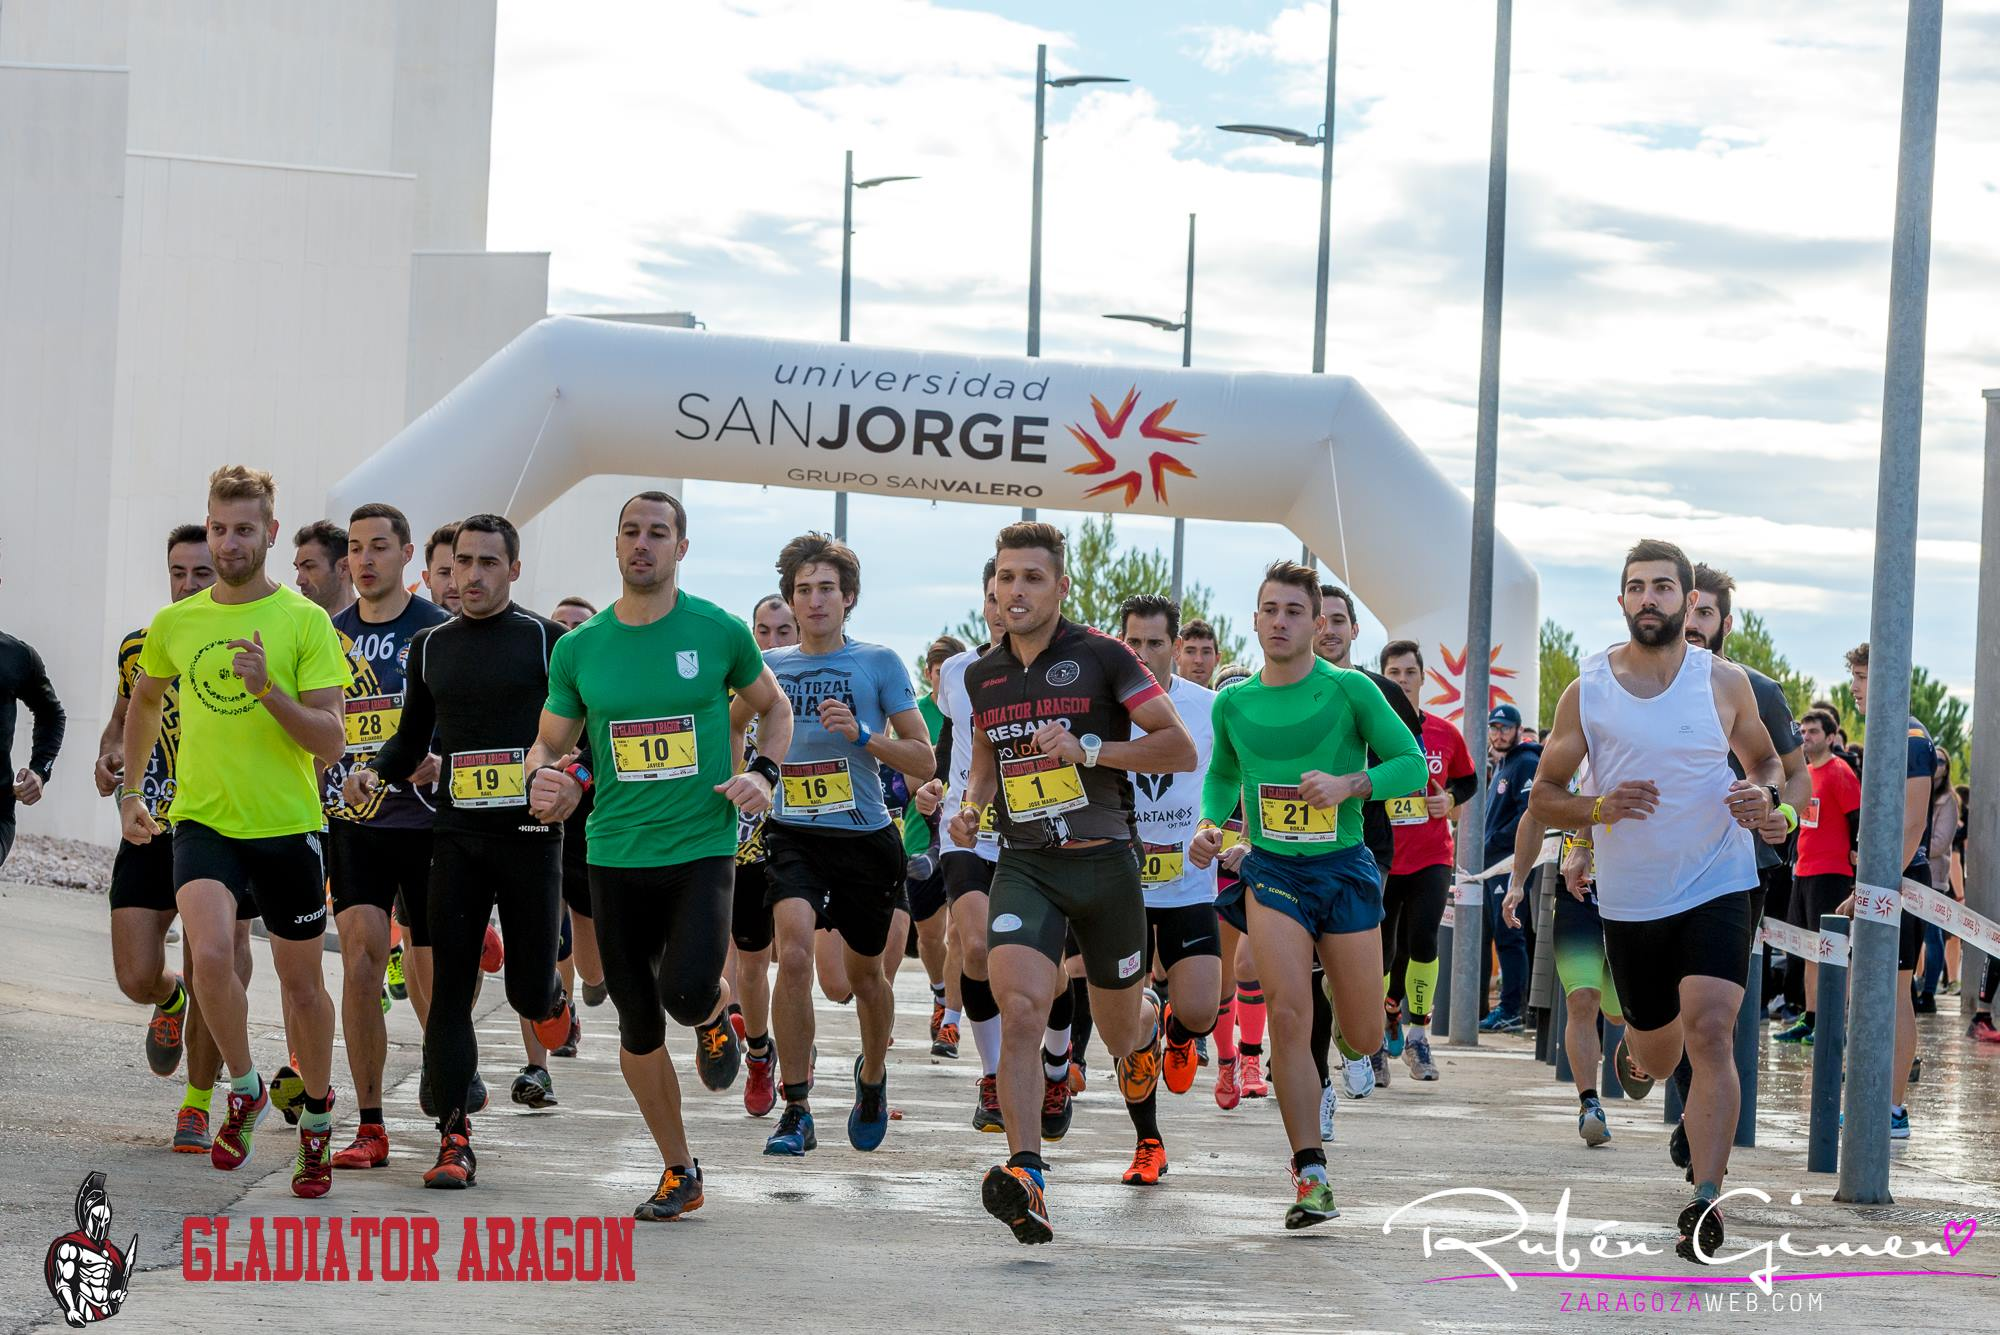 El Servicio de Actividades Deportivas de la Universidad San Jorge crea la Race League USJ